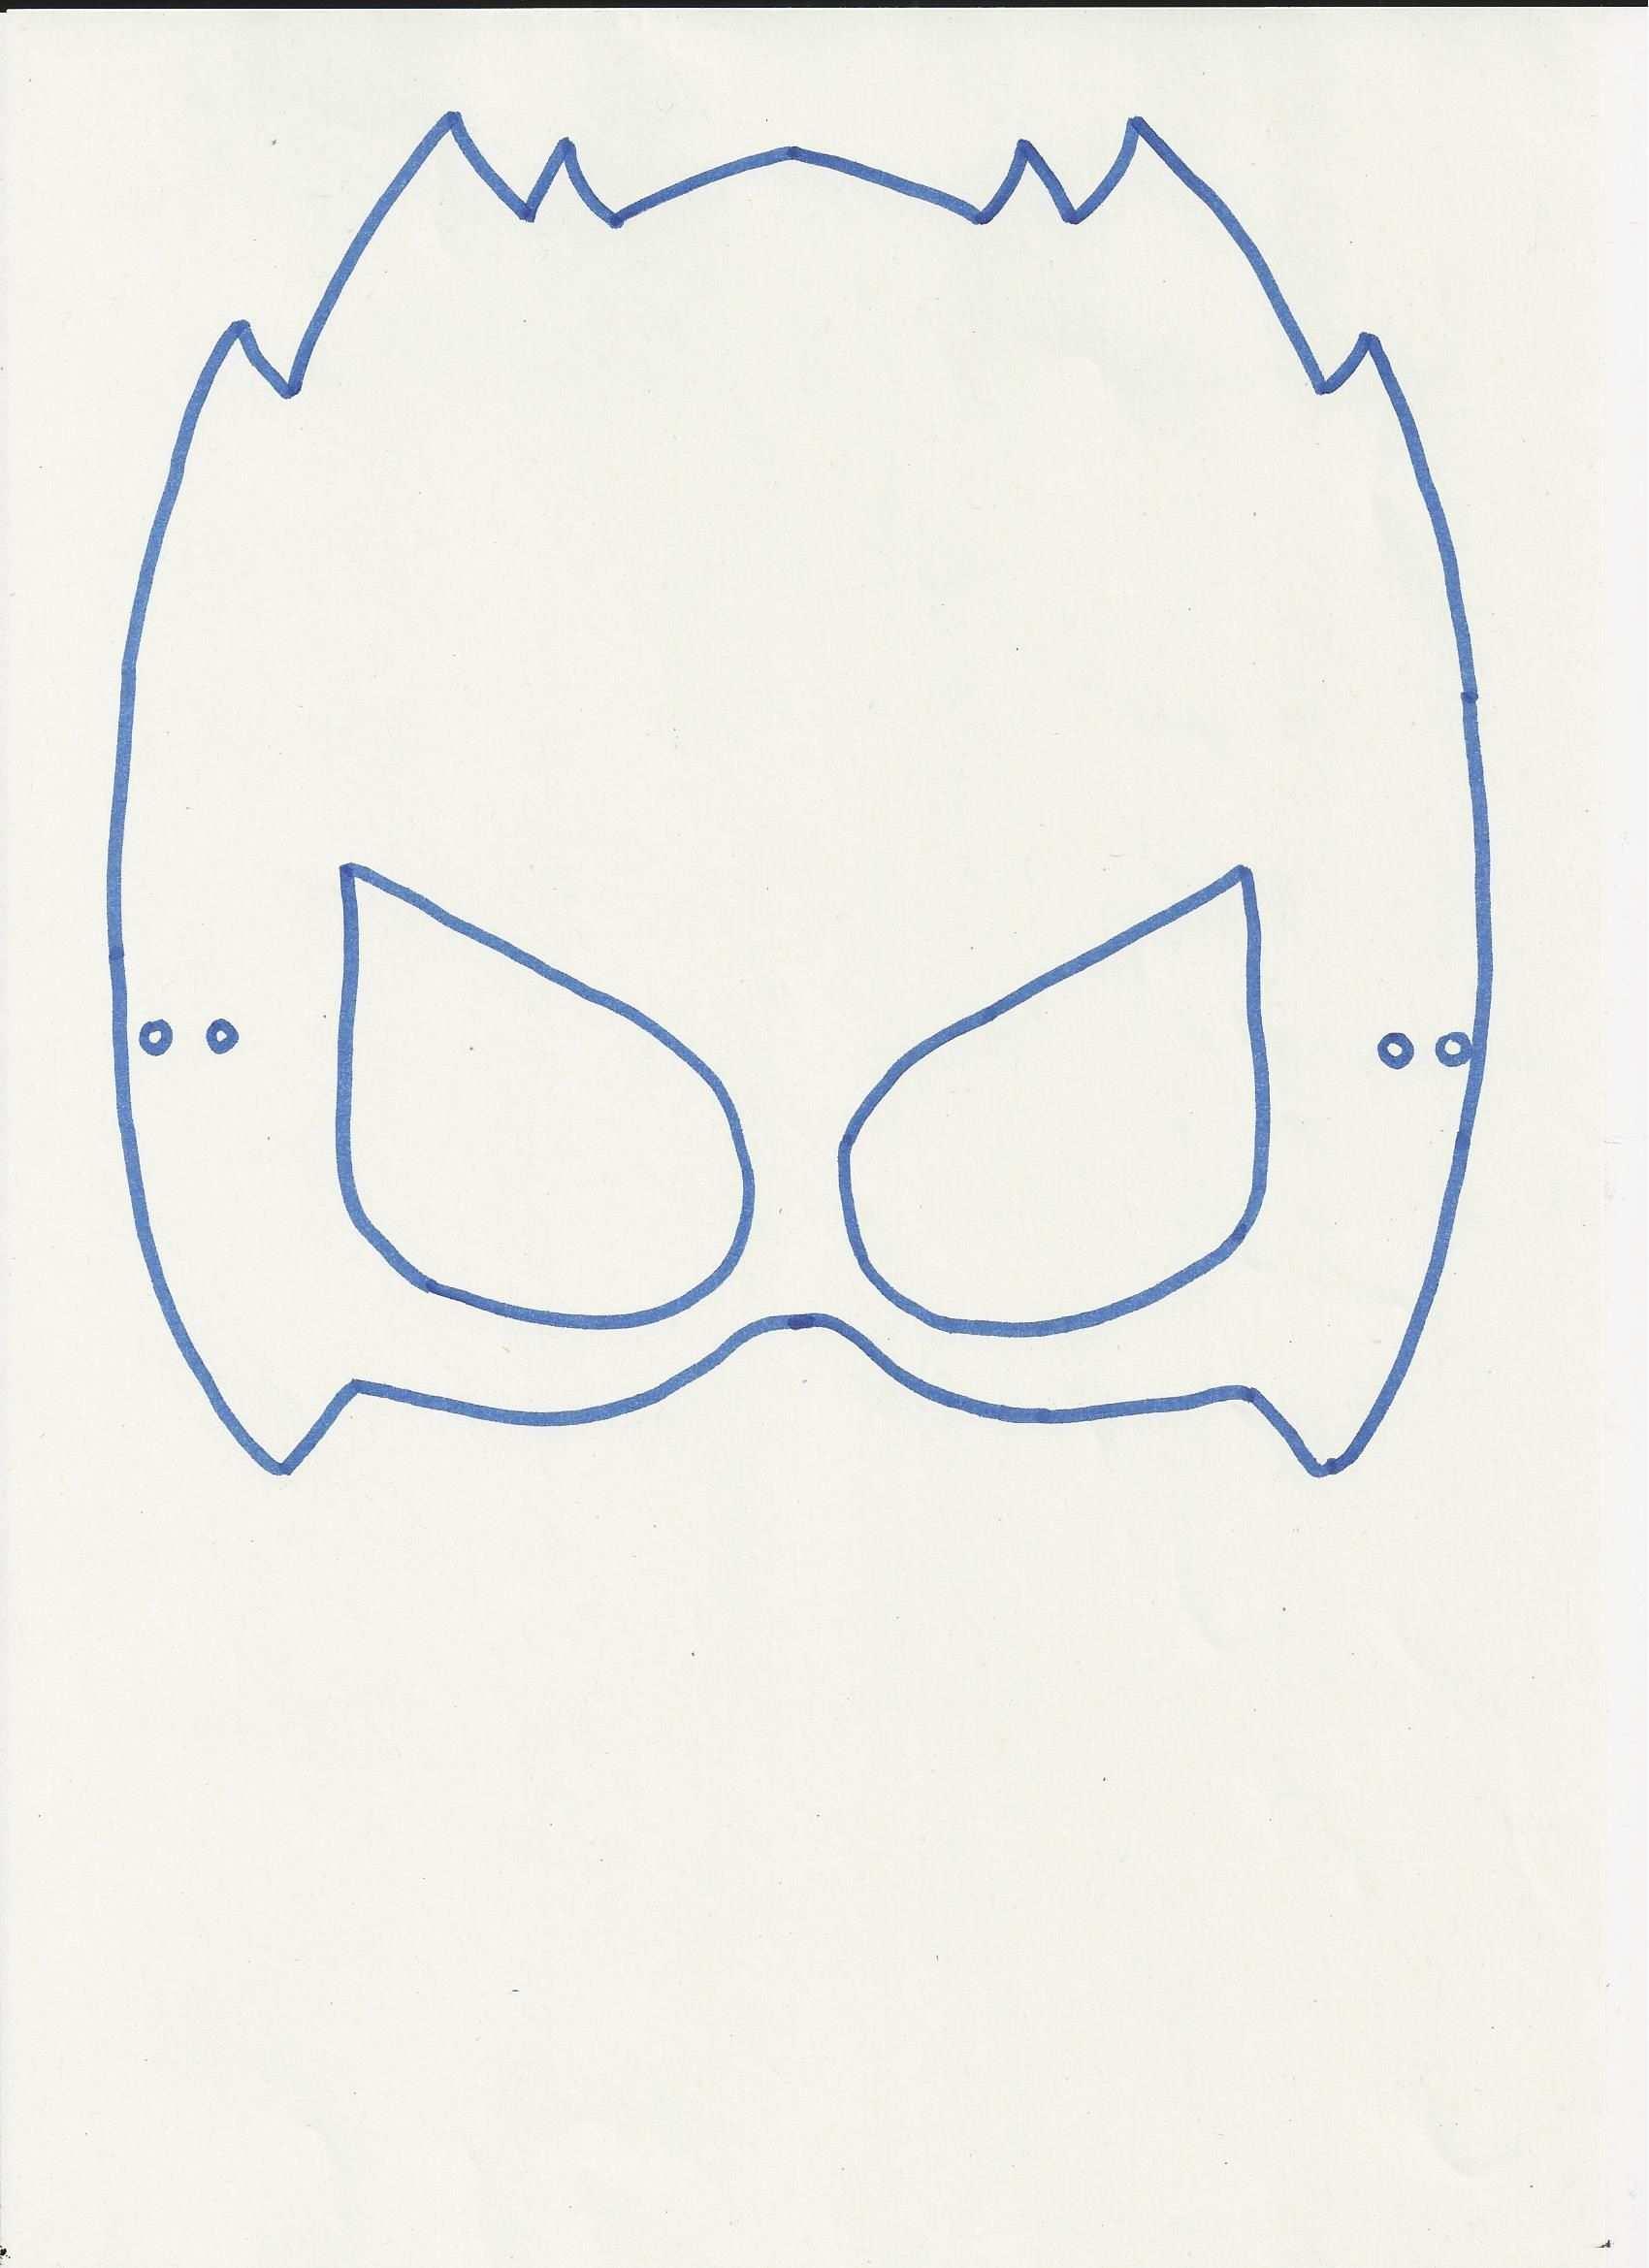 Masker Van Mega Toby Om Te Kleuren Schilderen Kleuren Masker Mega Themafeestjes Superhelden Superheld Feestje